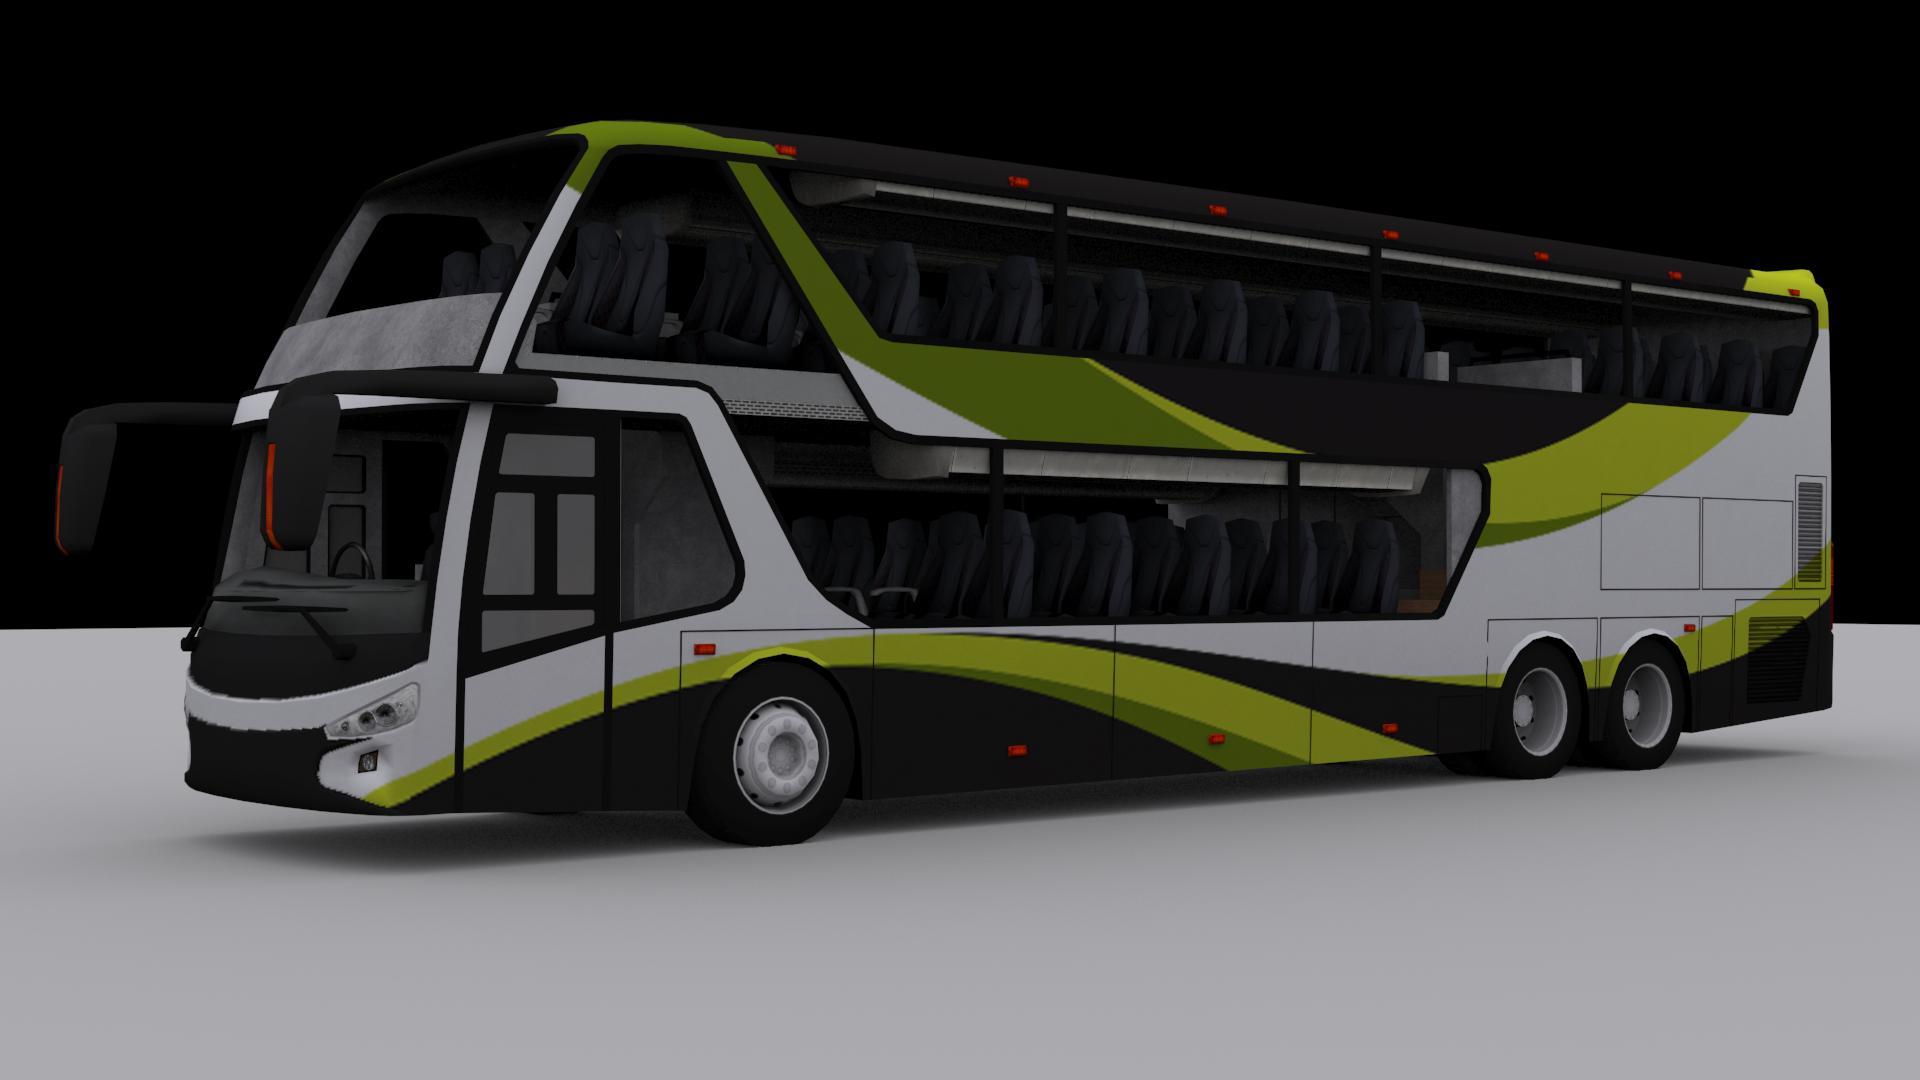 JetBus New work